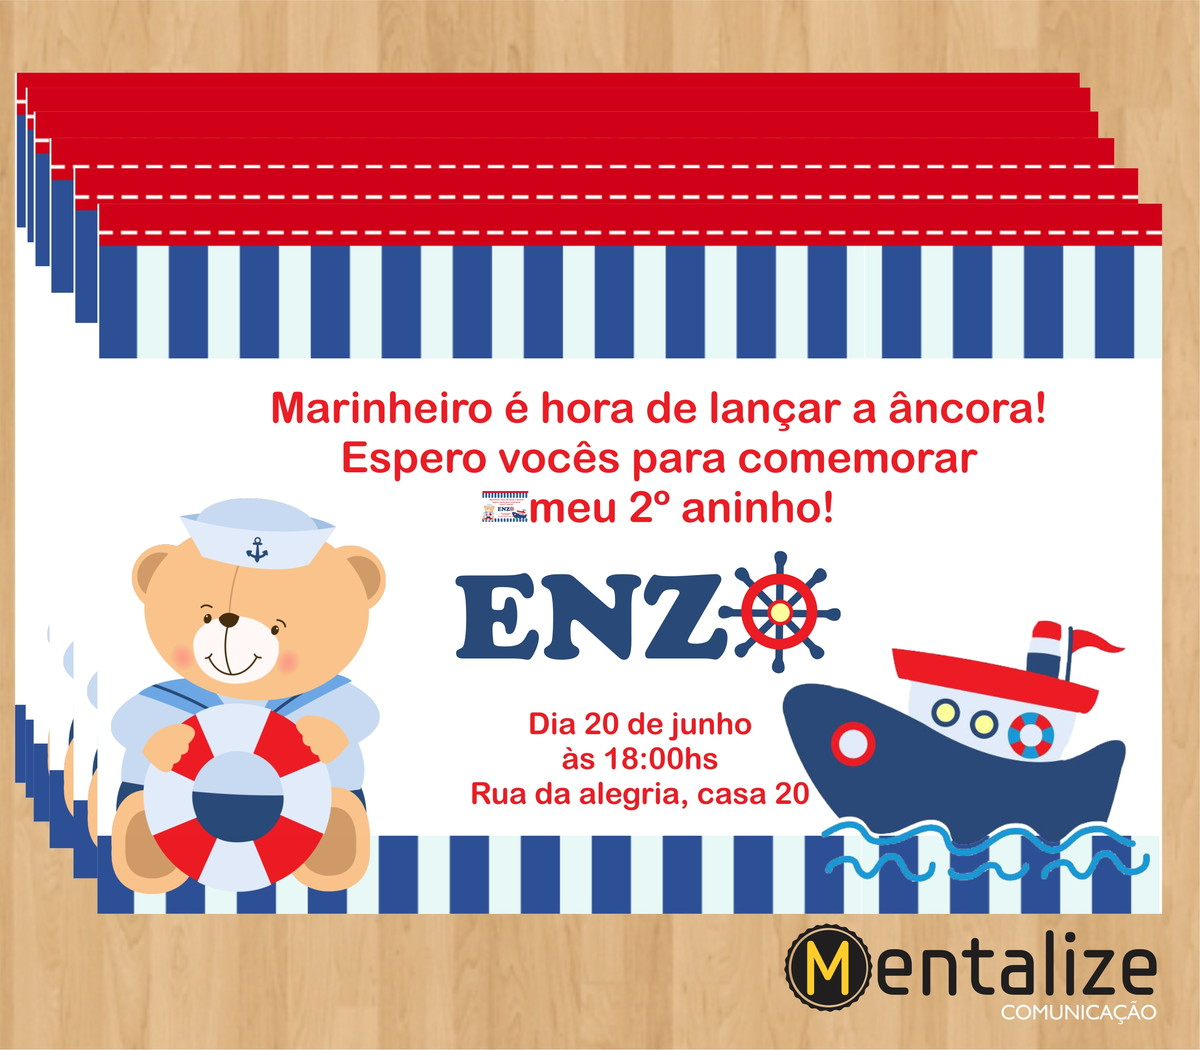 Amado Convite Ursinho Marinheiro no Elo7 | Ruany Bento (599FCB) MS78